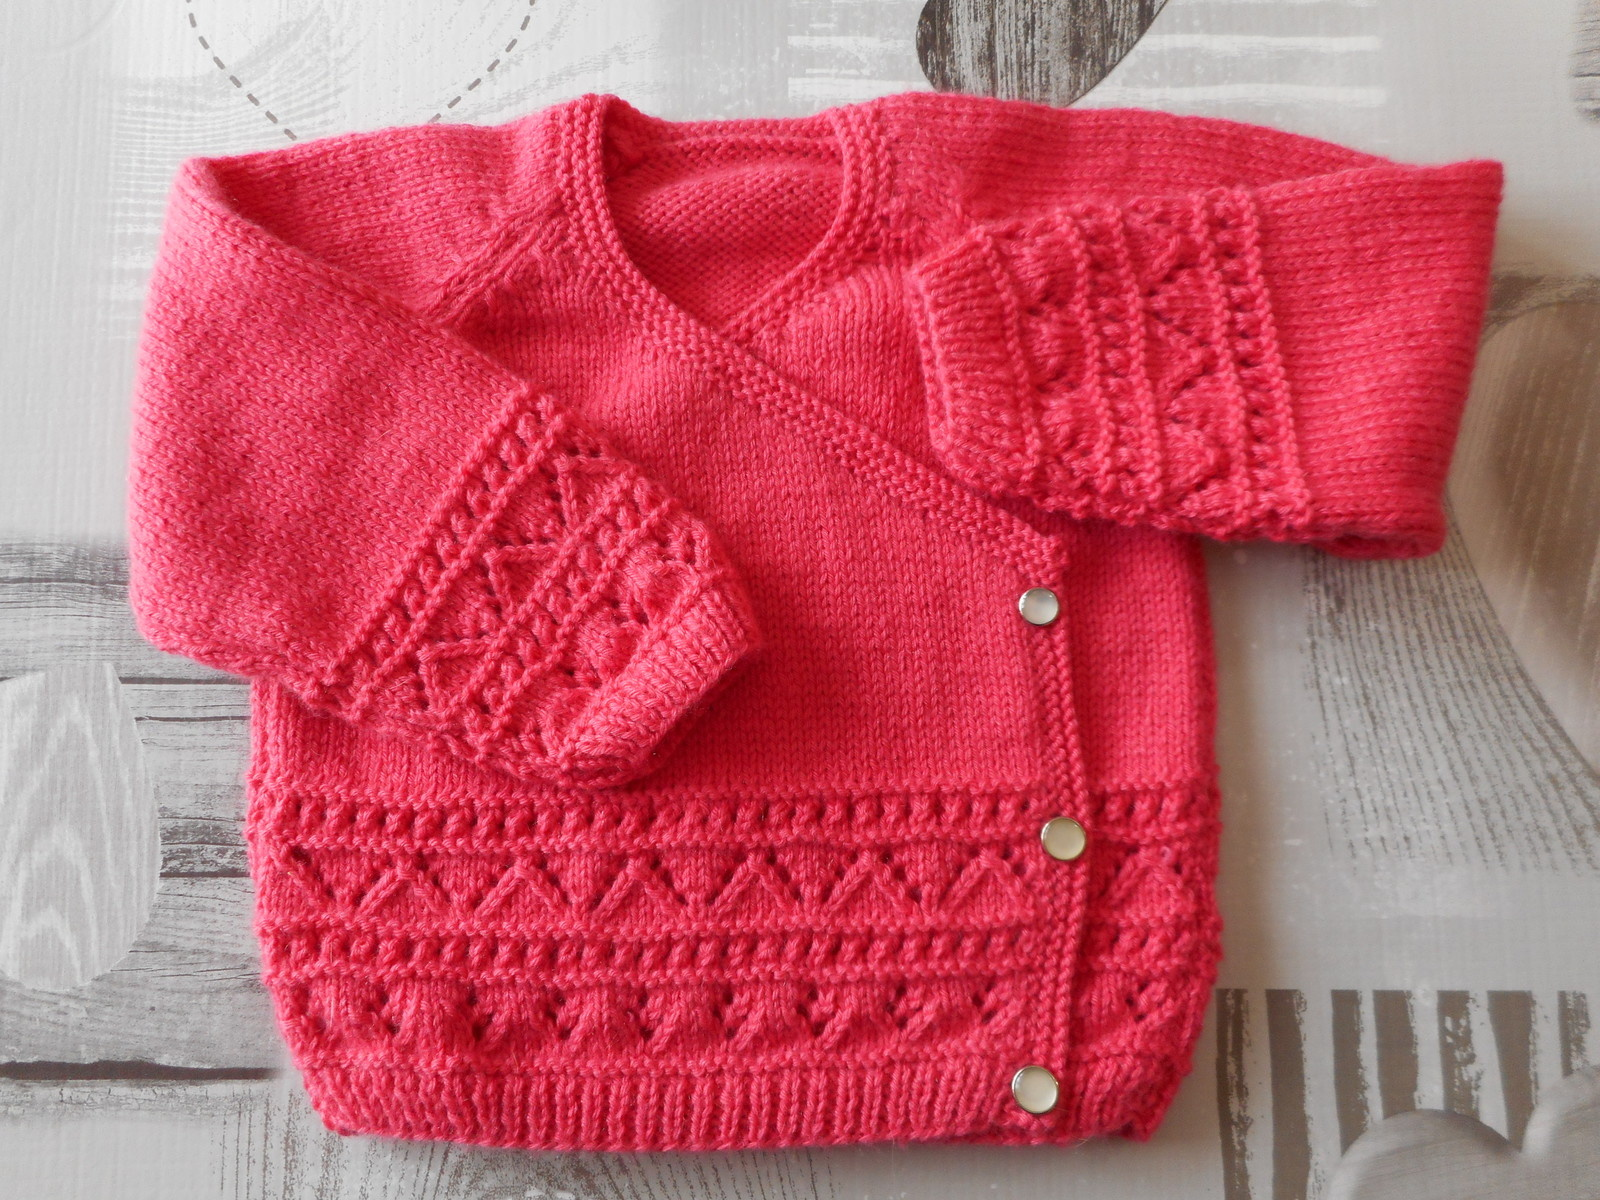 Top Tricot bébé fille - Chapka, doudoune, pull & Vetement d'hiver UE19